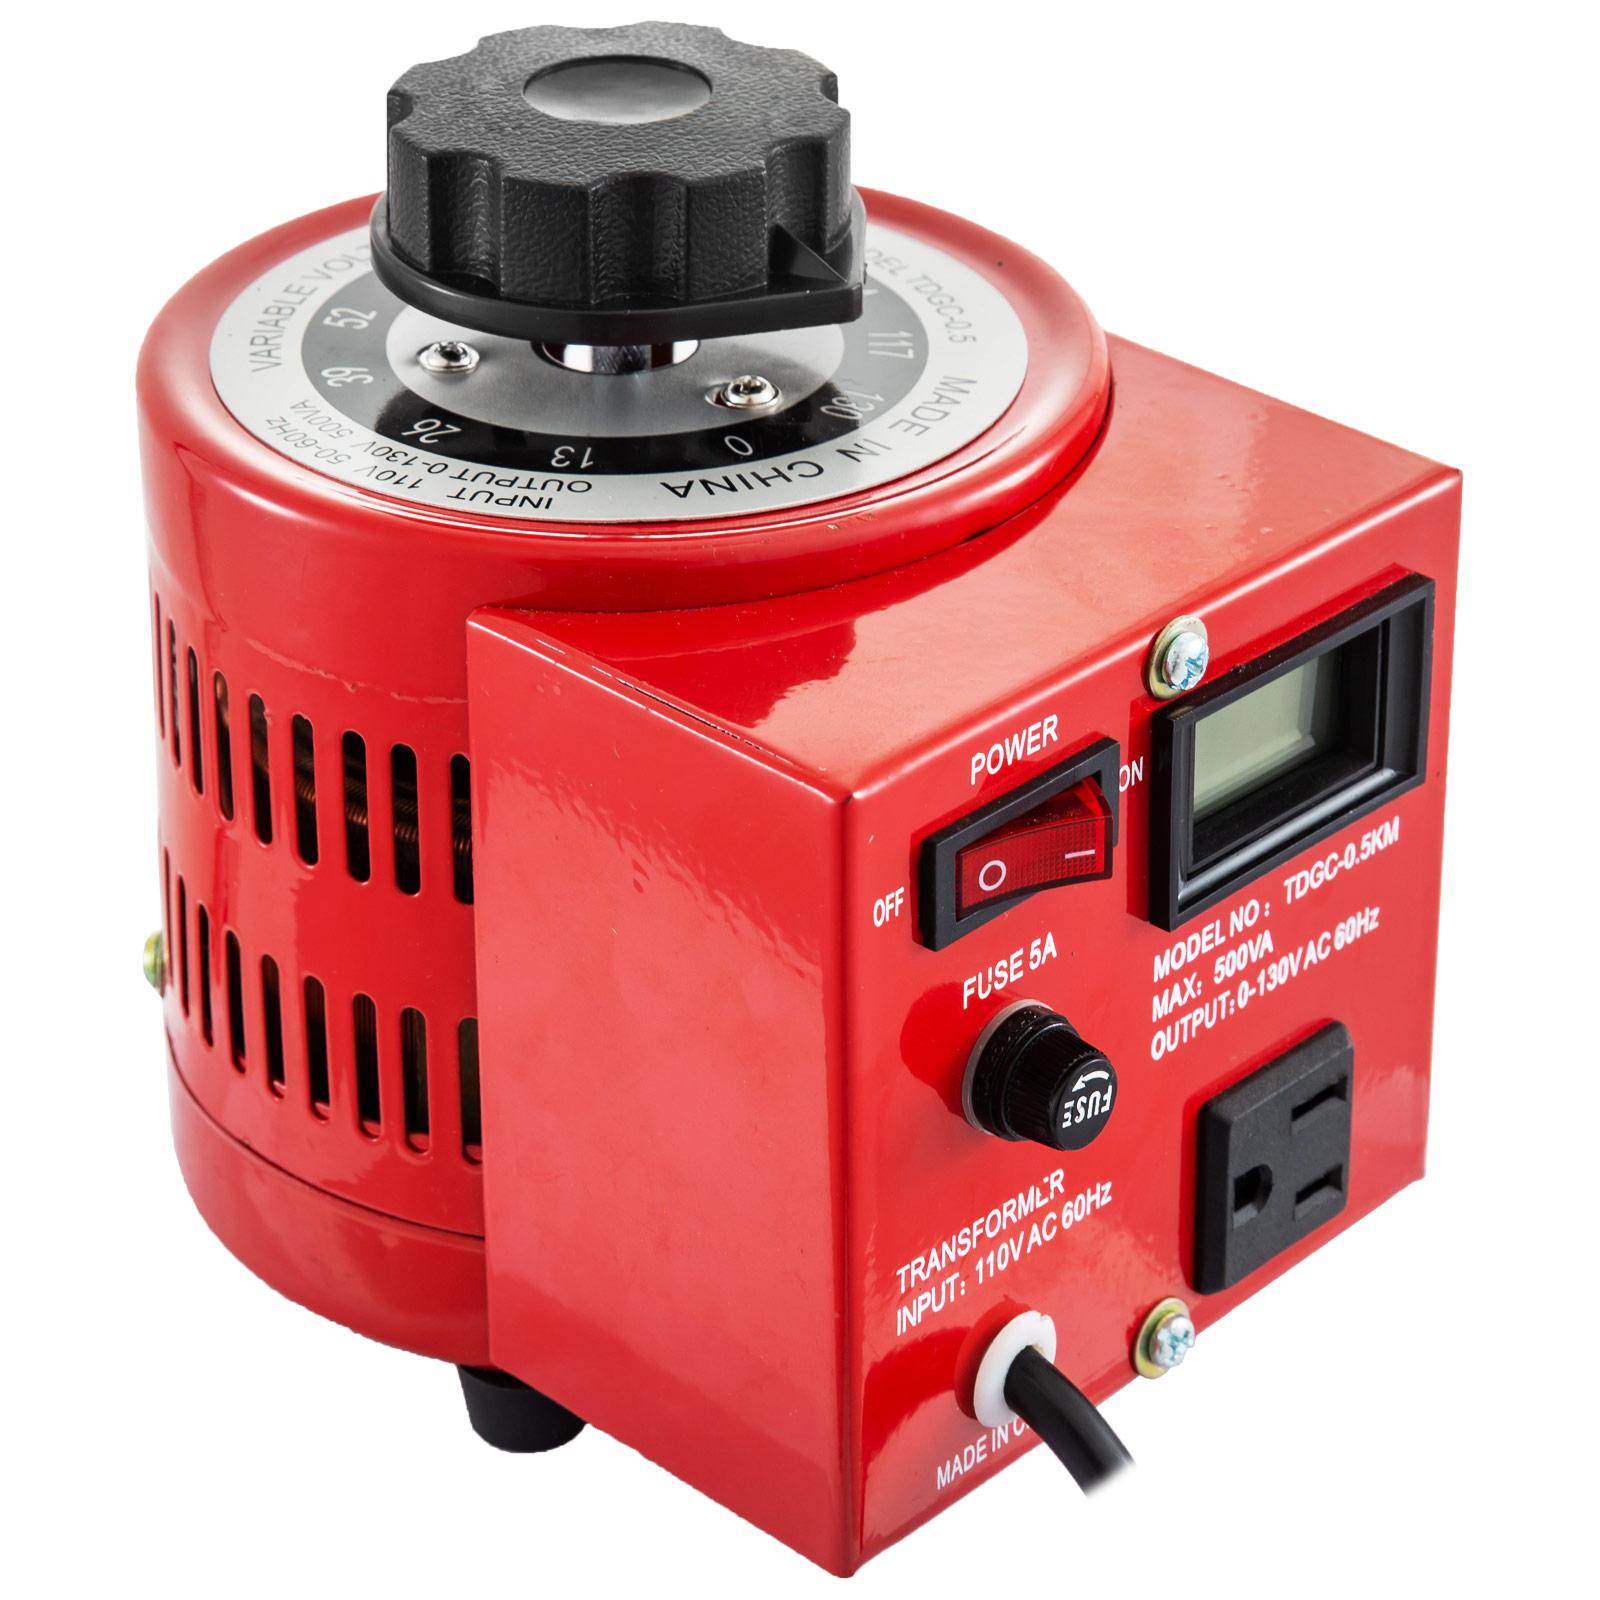 Variac-Variable-Transforme-0-5-1-2-3KVA-LCD-Single-Phase-Digital-Display-0-130V thumbnail 24